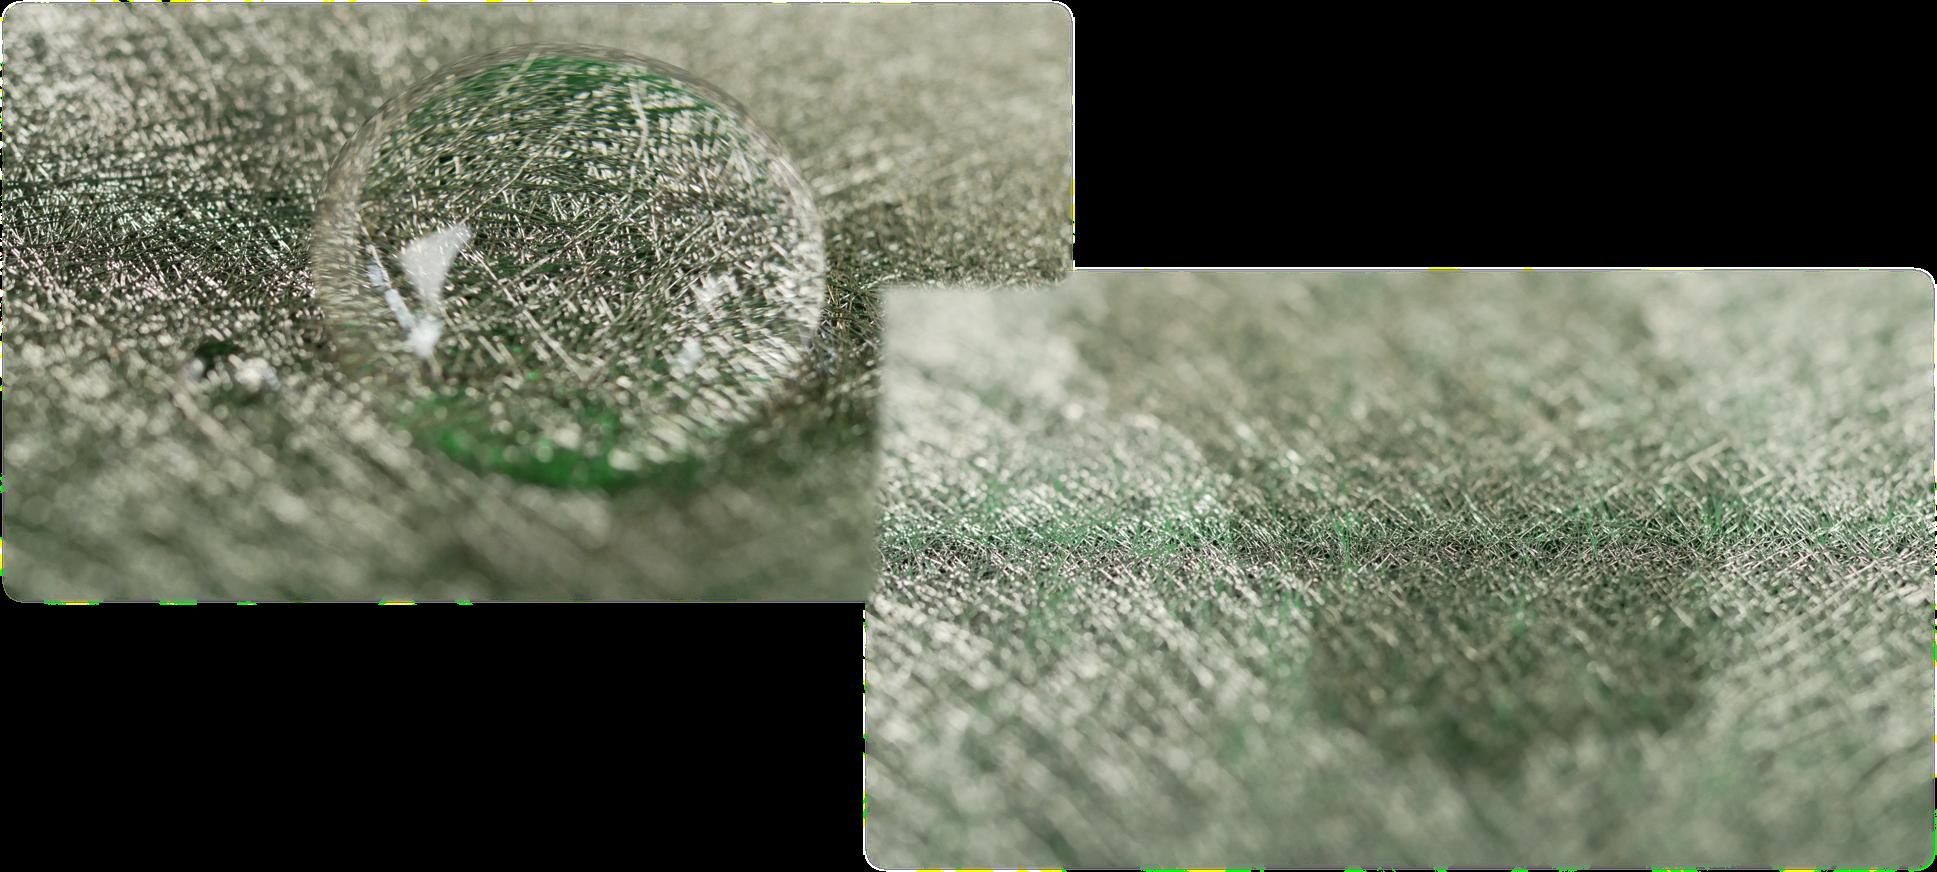 Nano Shield Superschirm links, rechts ohne Nanopartikel. Die Nano Technologie ermöglicht völlig neue Schirmeigenschaften.